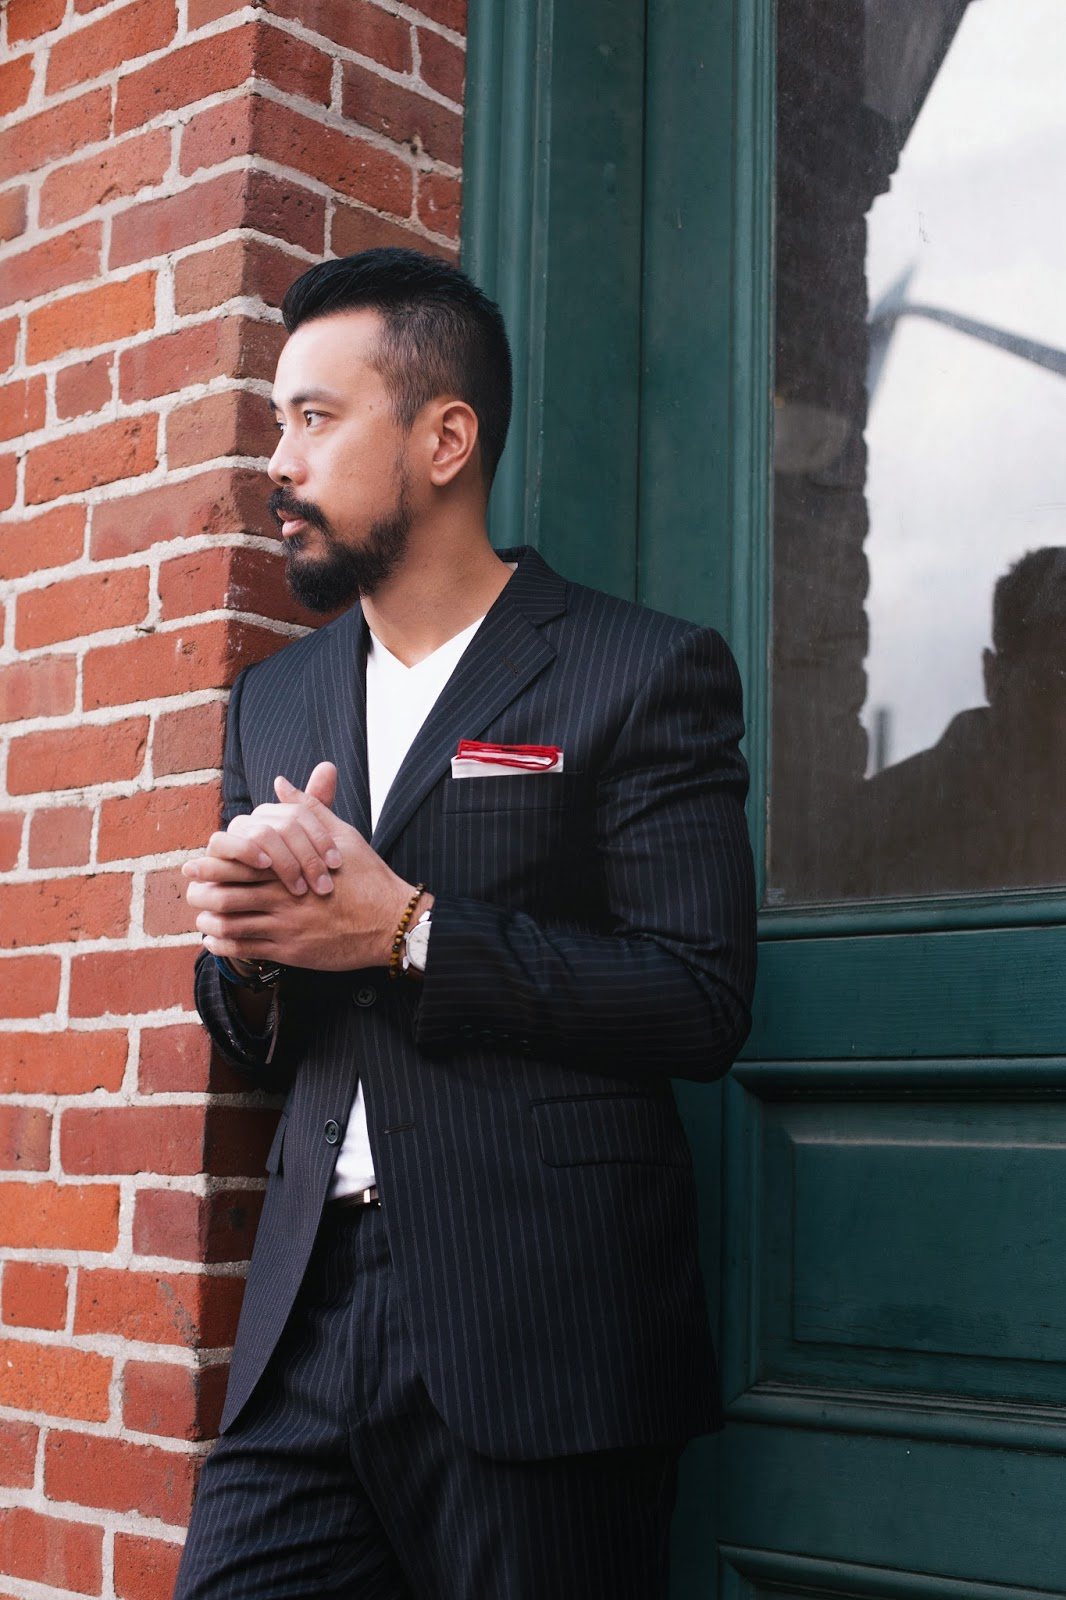 men's suit style